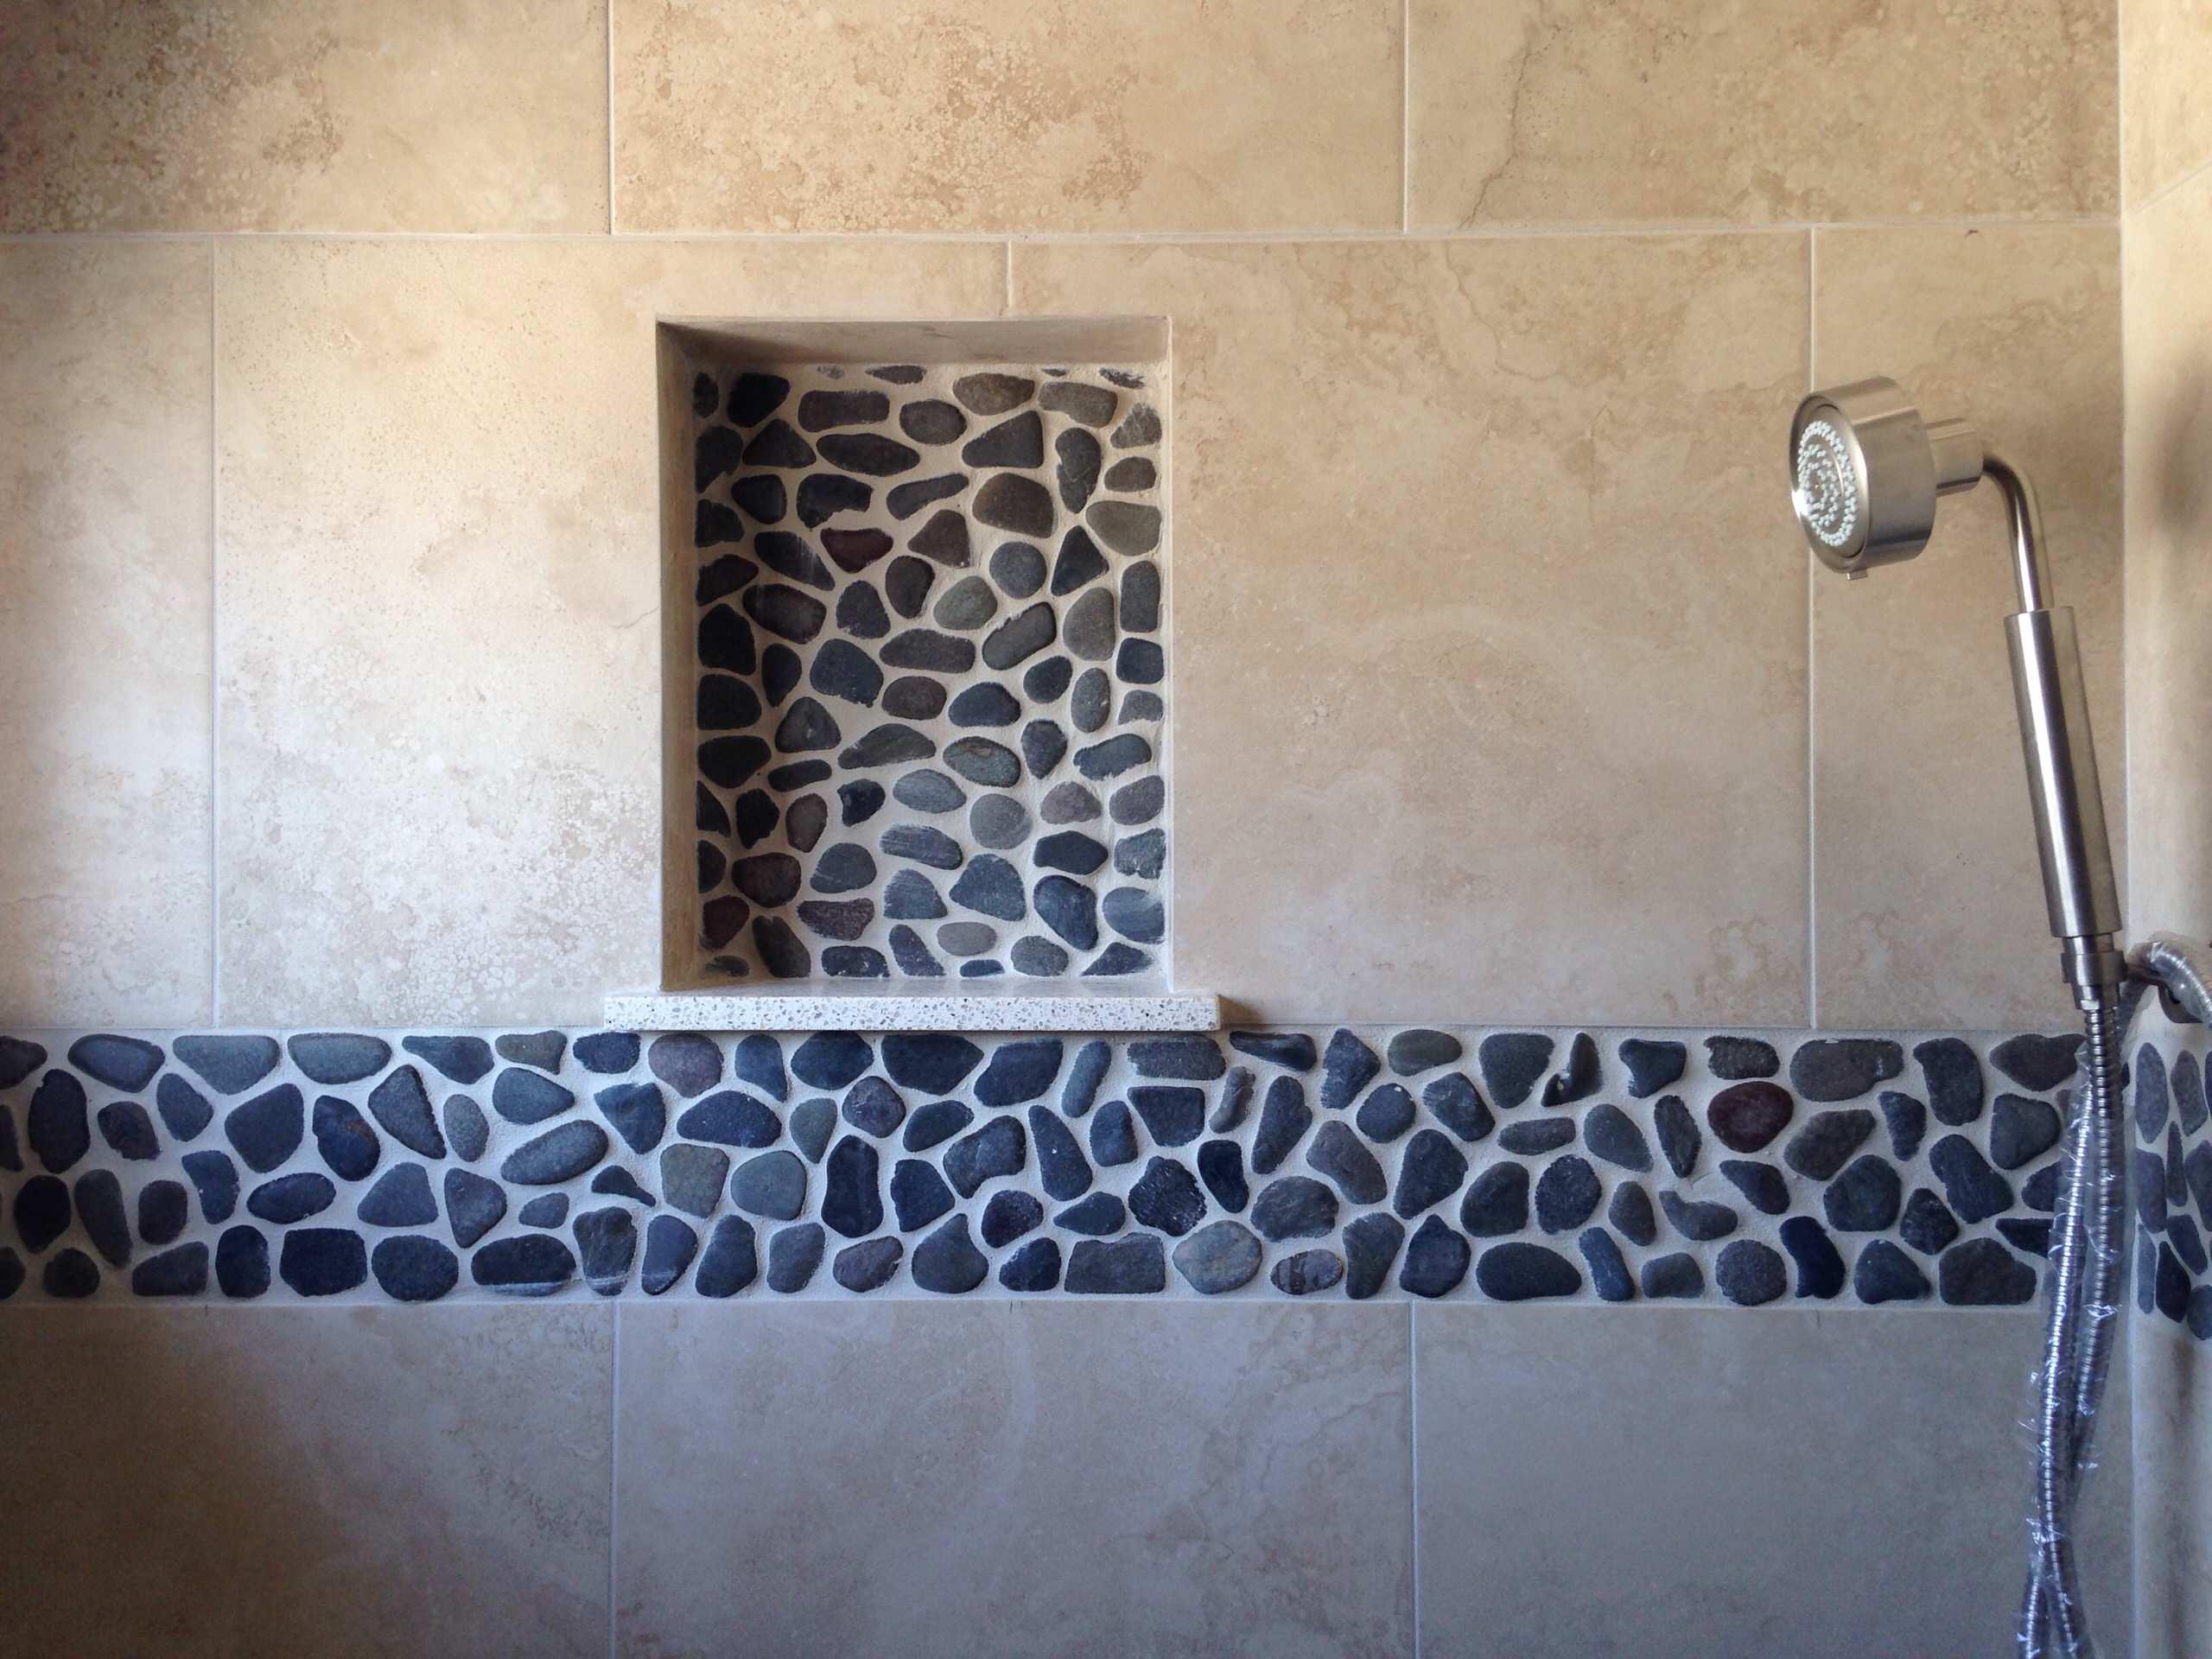 Shower Niche & Pebble Tile Accent